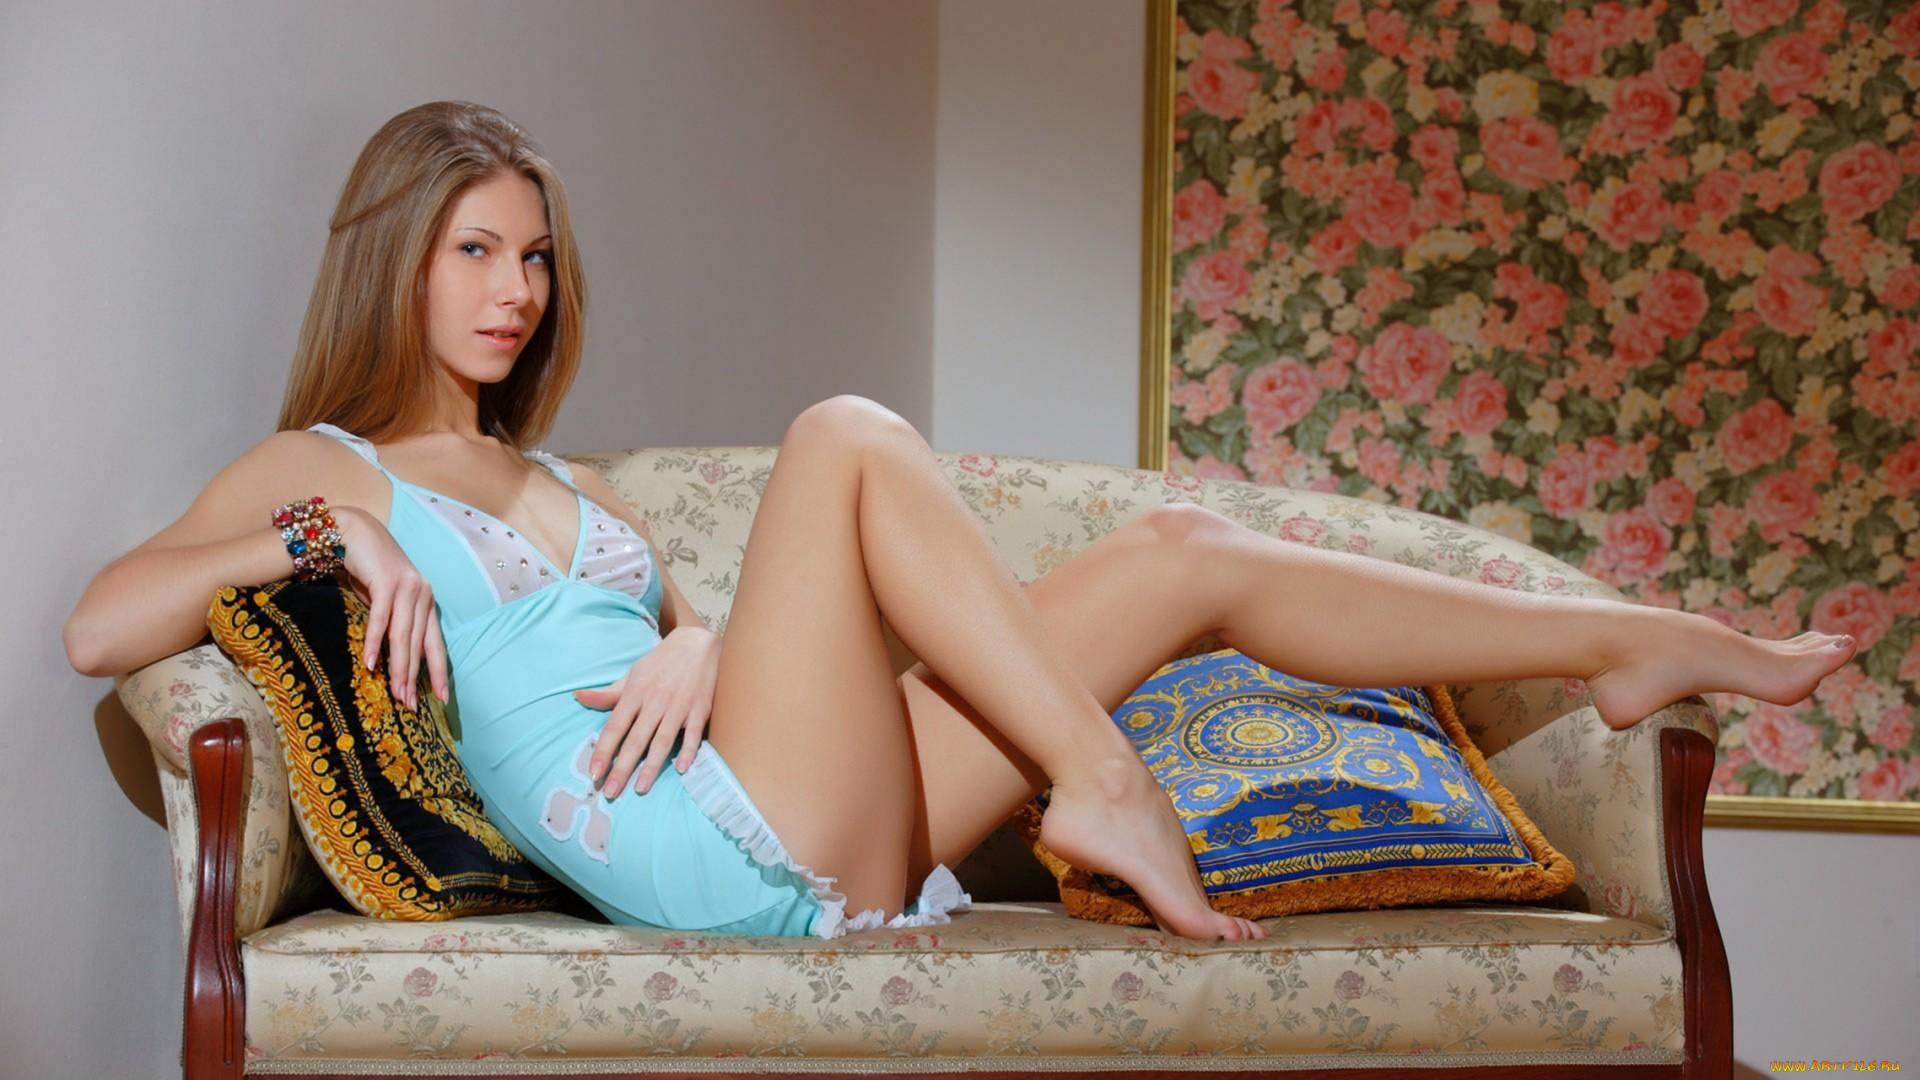 Русское порно с русской порно актрисой анжеликой смотреть бесплатно онлайн